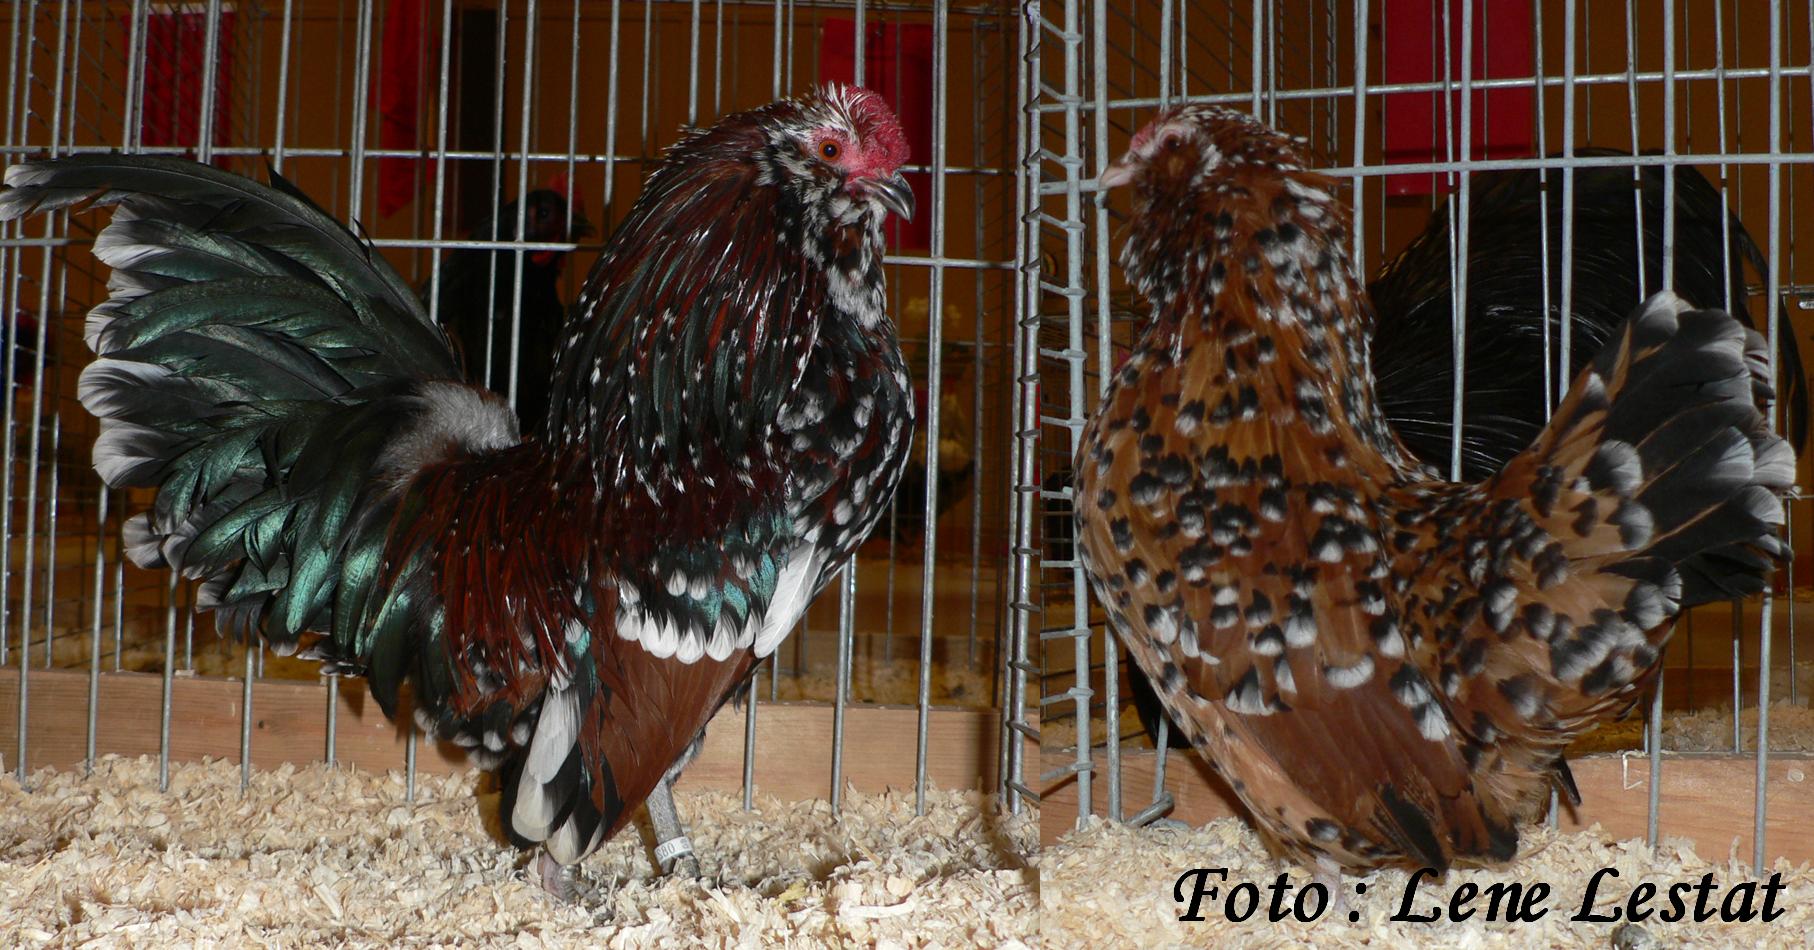 1,1 antwerpner skæghøns – brun sort porcelænsfarvet